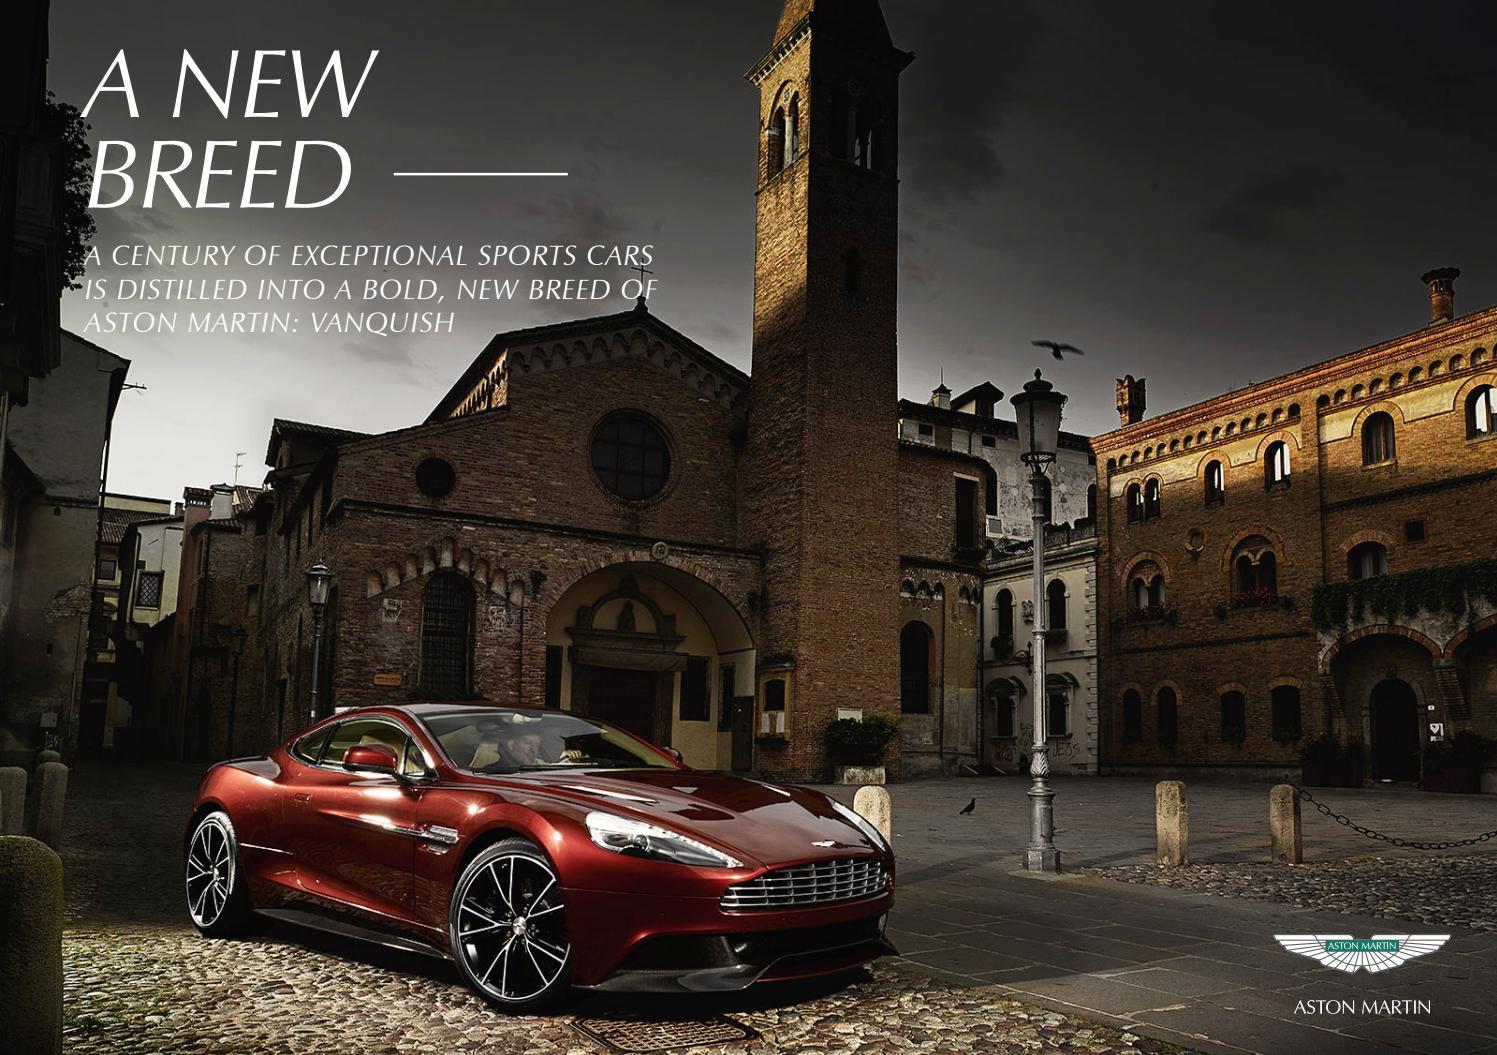 Aston Martin Vanquish Brochure By Natalie Anthes Issuu